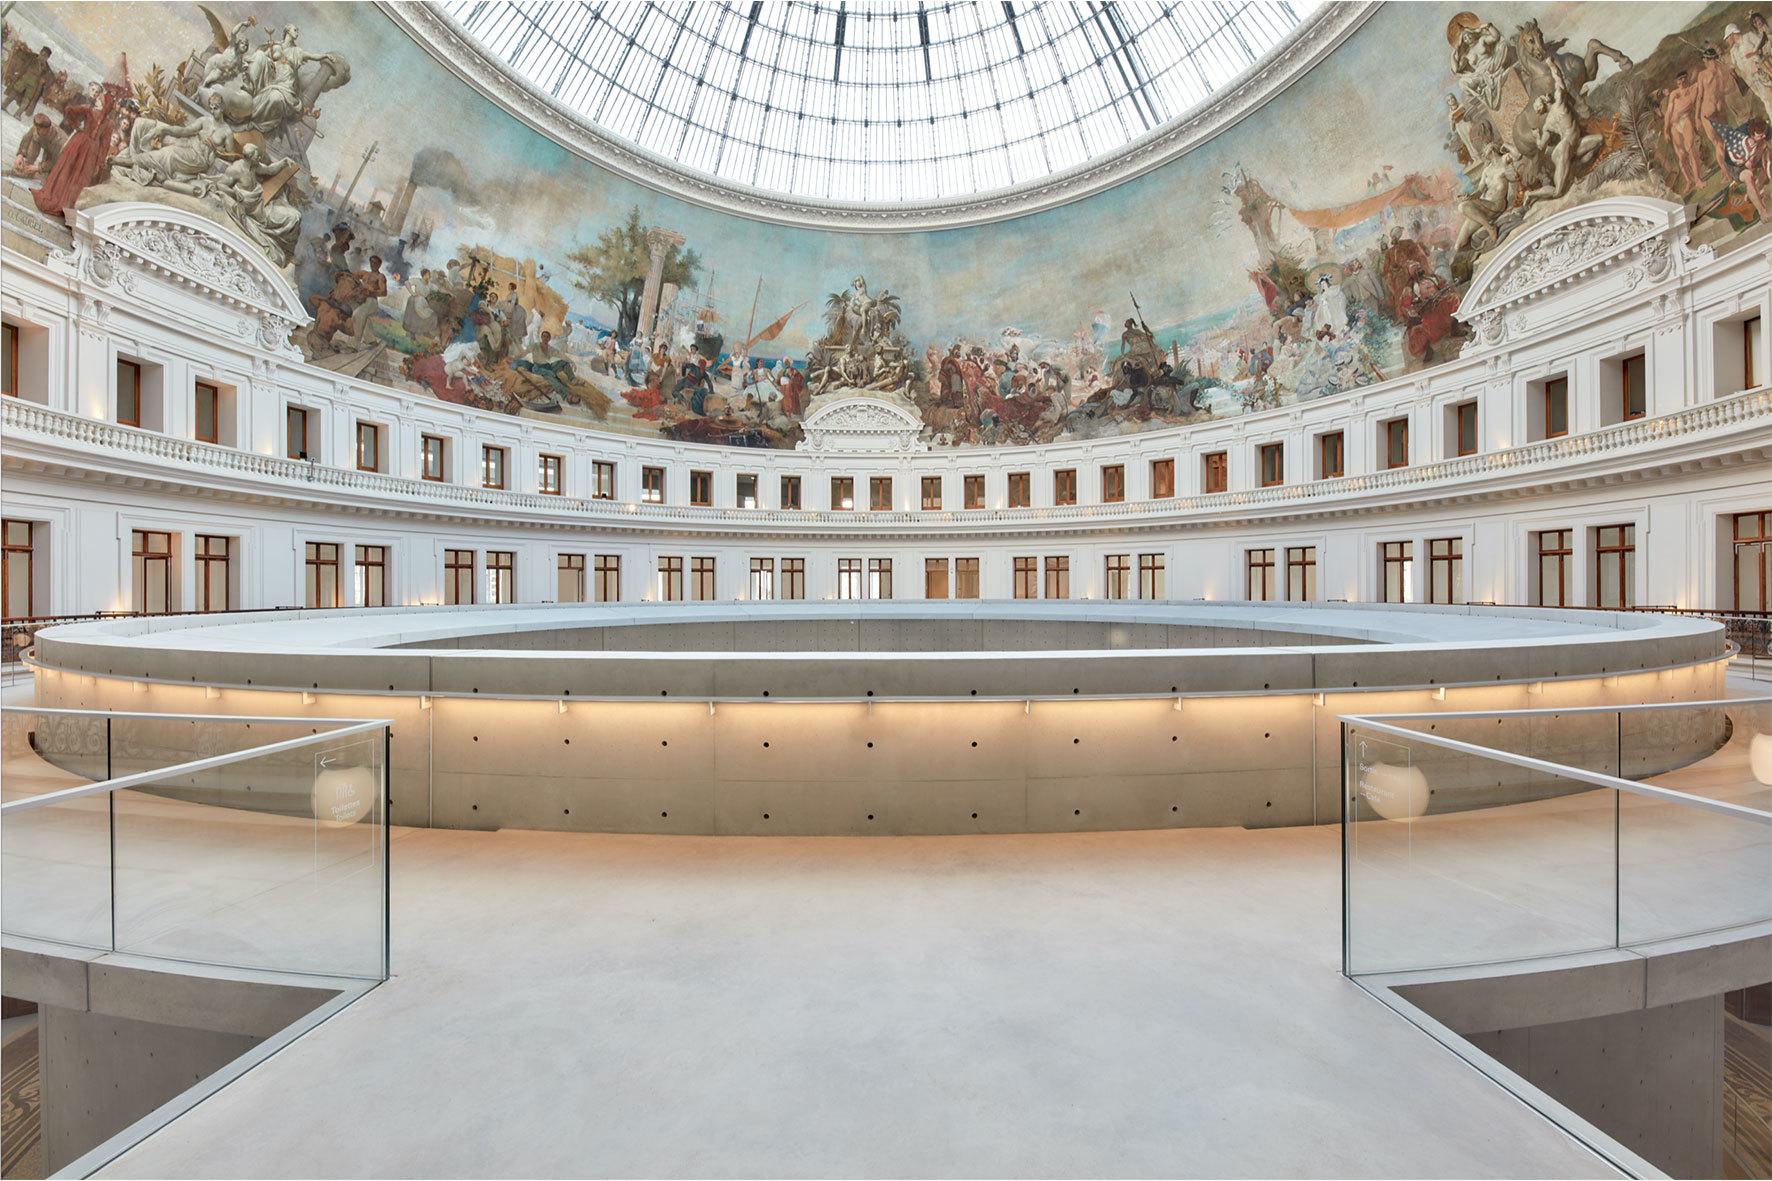 Bourse de Commerce – Pinault Collection